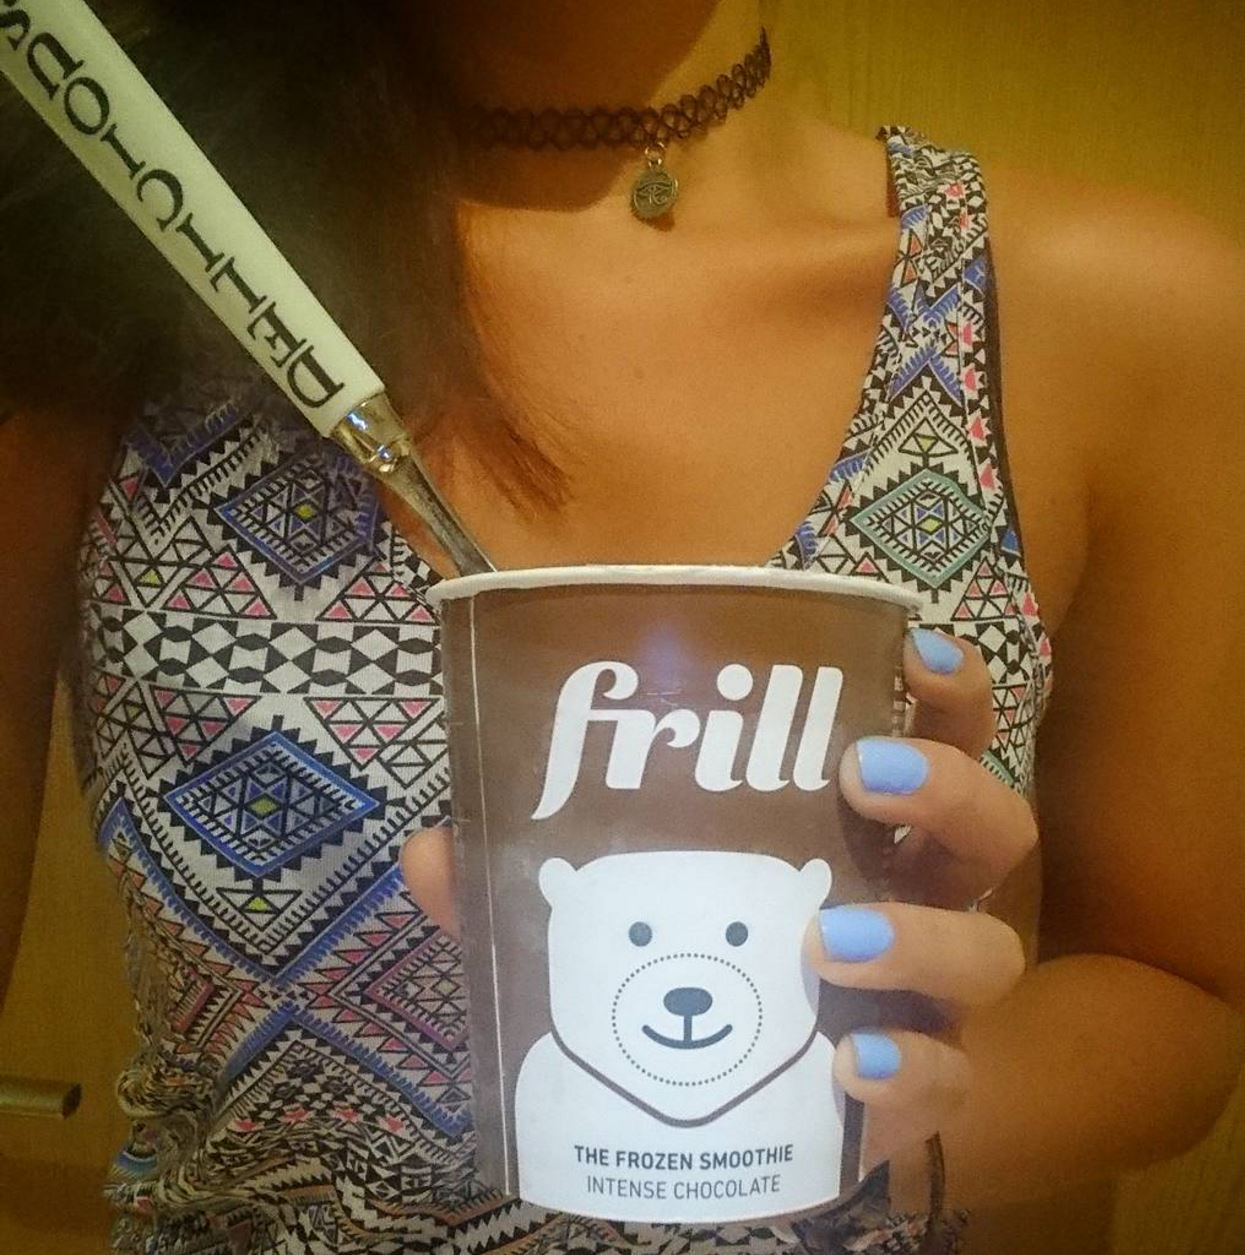 frill